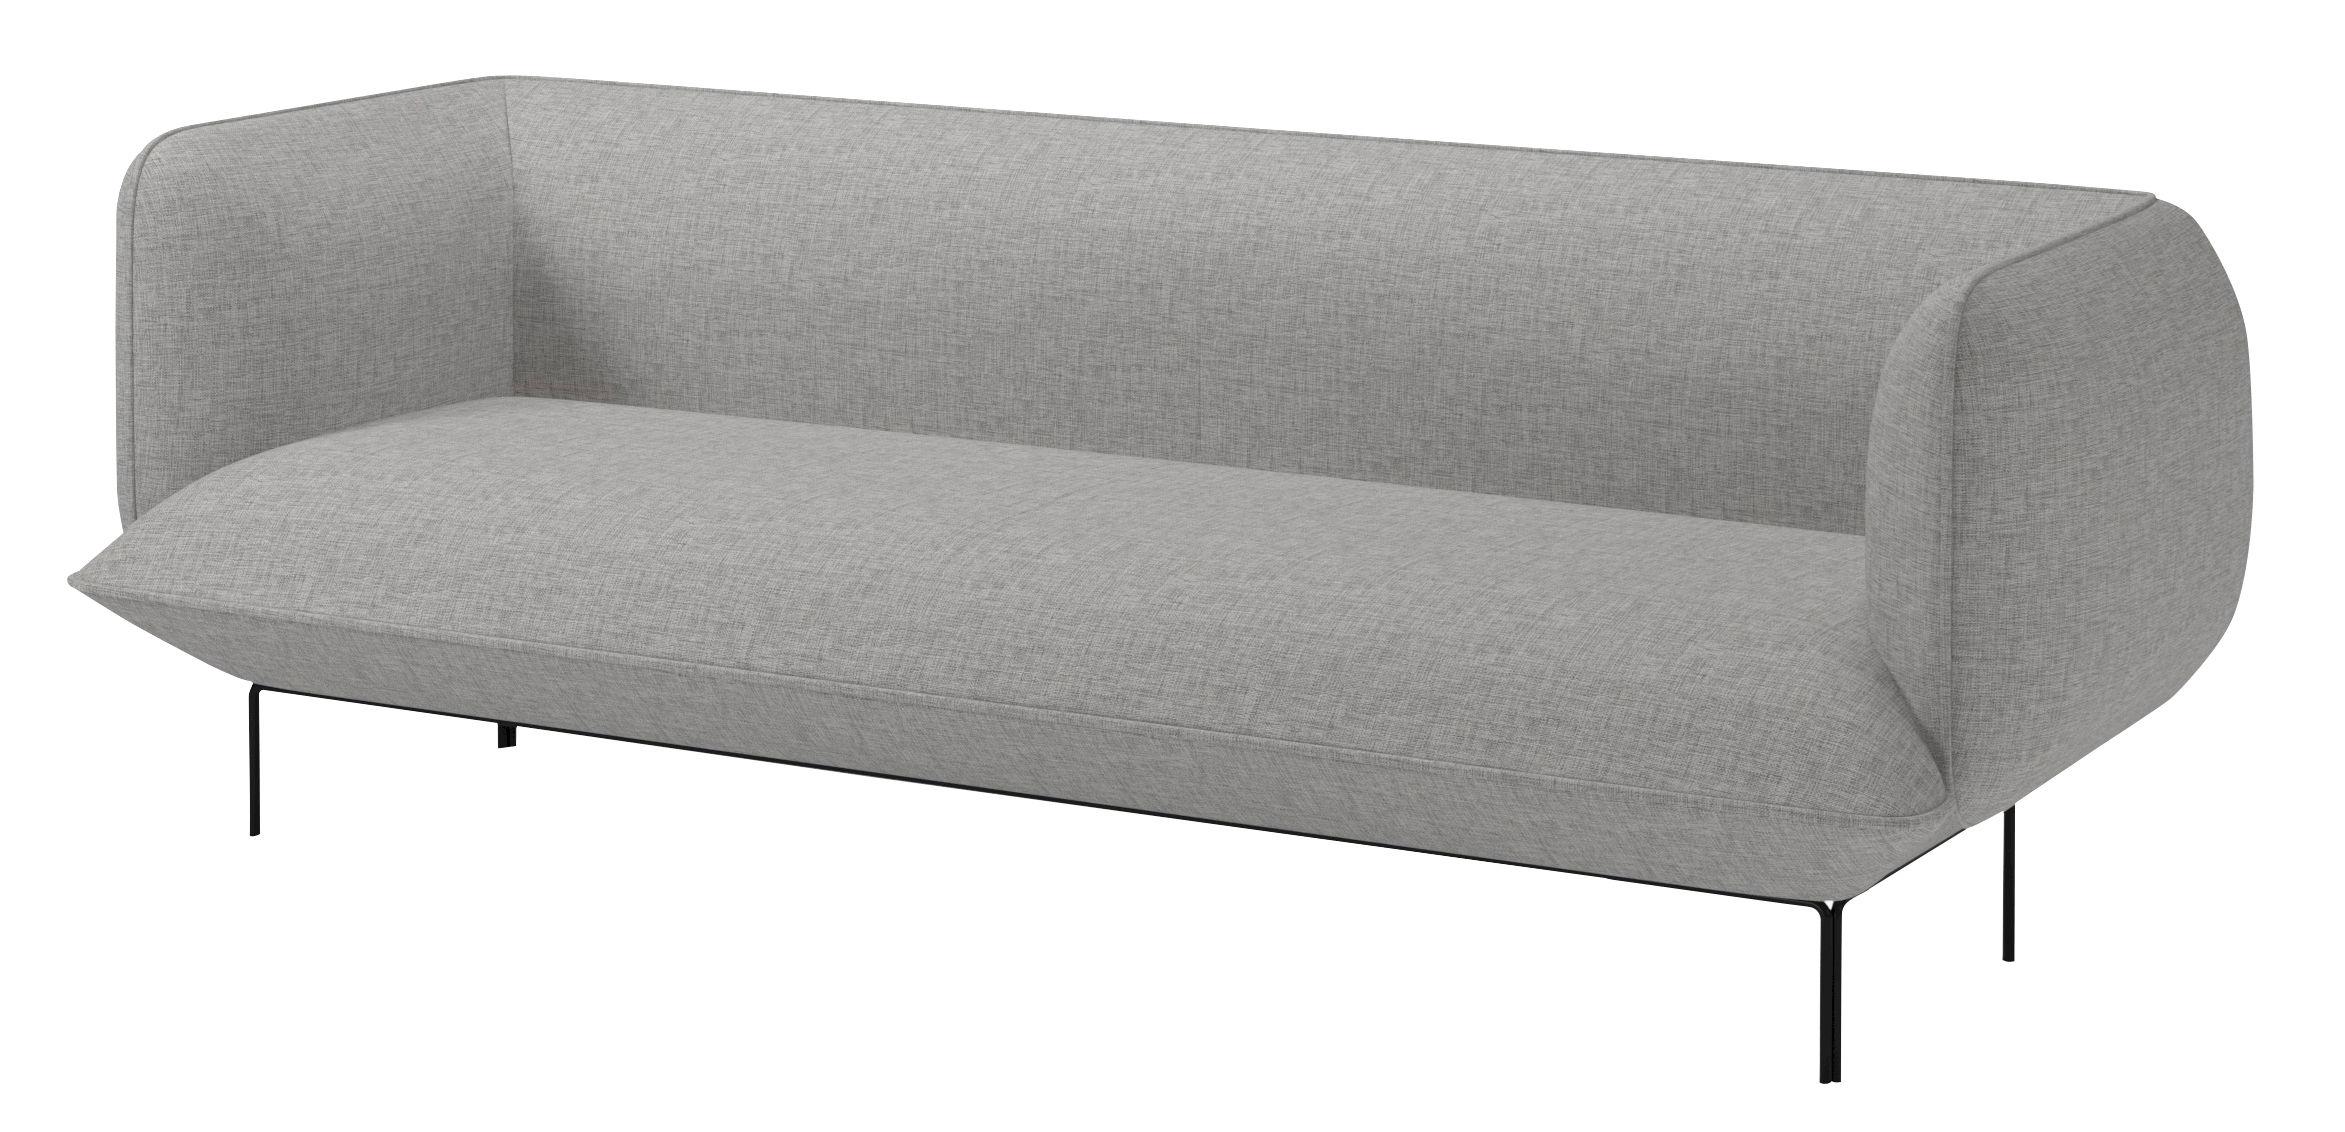 Scopri divano destro cloud 3 posti l 222 cm tessuto for Divano 60 cm